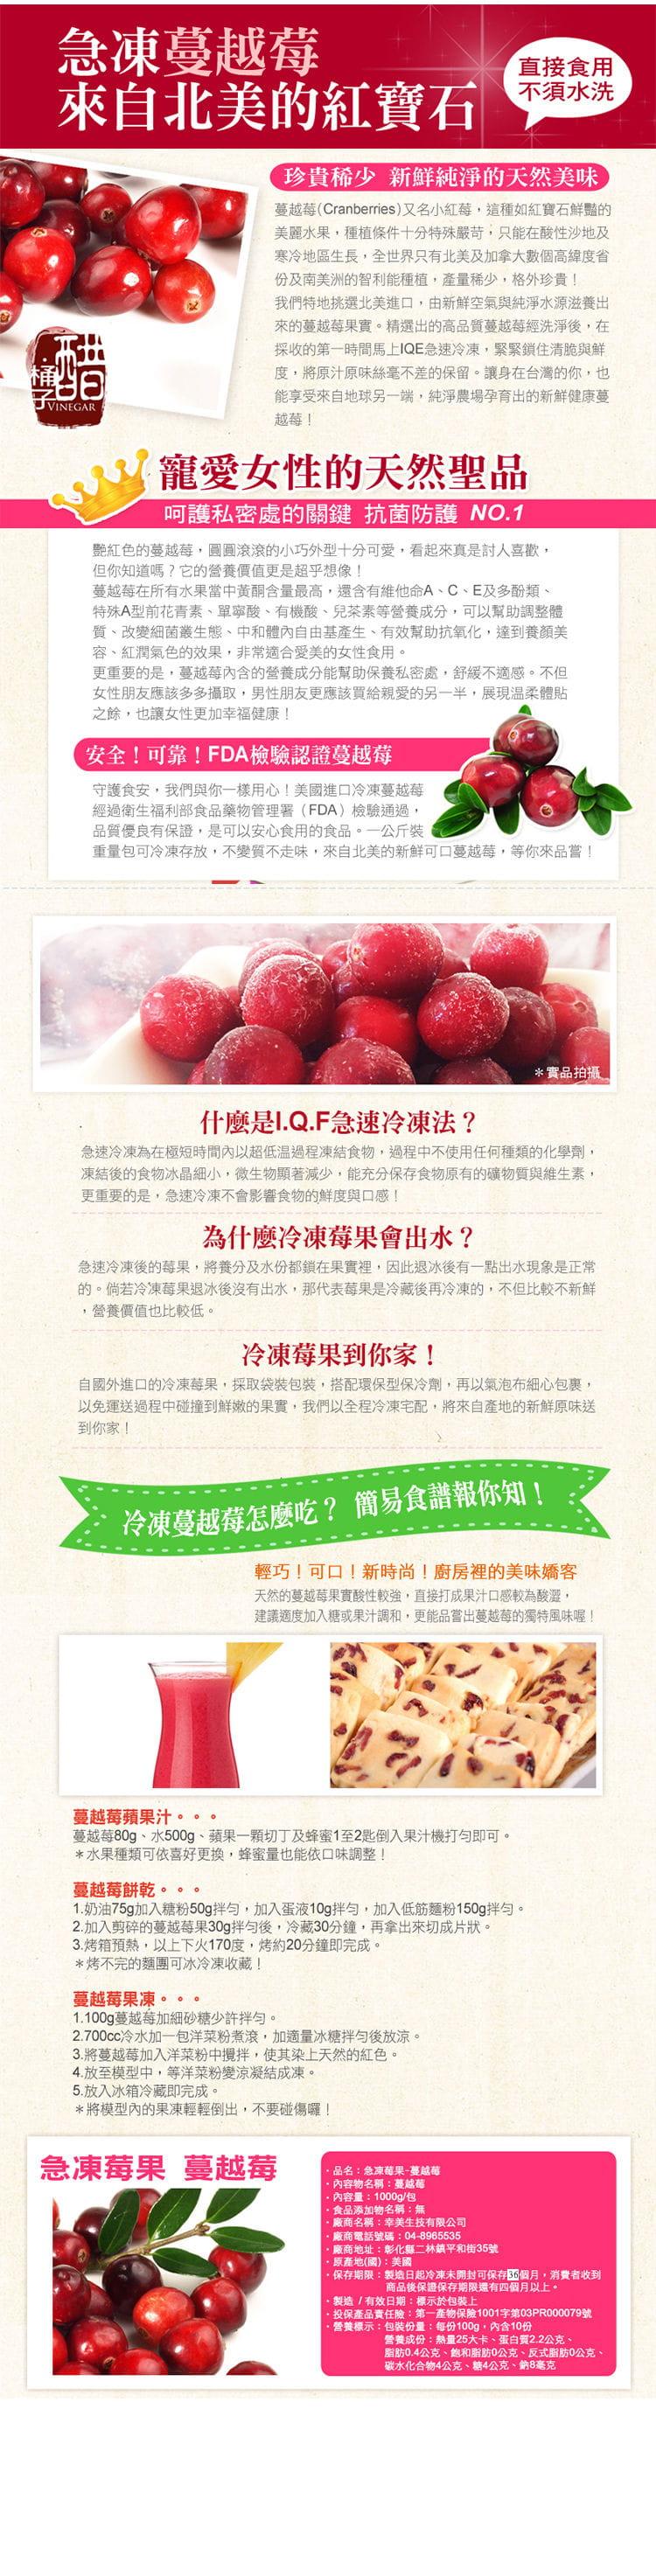 【幸美生技】進口鮮凍花青莓果重量包任選 2